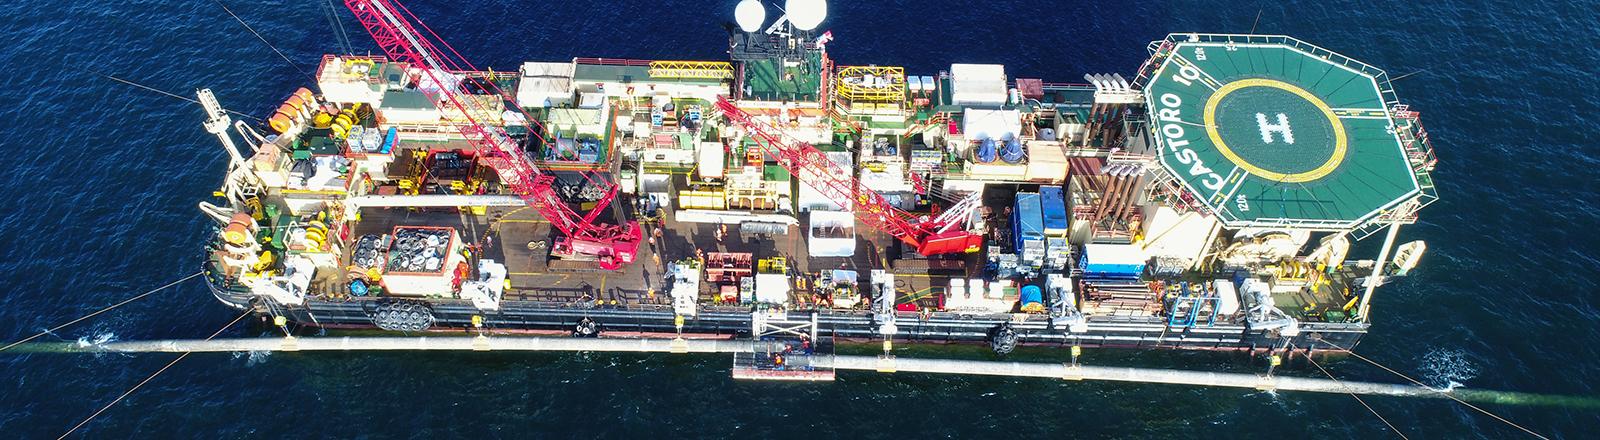 Auf einer Plattform am Pipeline-Verlegeschiff «Castoro 10» vor der Südostspitze der Insel Rügen arbeiten Fachleute an der Verbindung zwei bereits im Vorjahr verlegter Leitungsstücke der Ostsee-Erdgaspipeline Nord Stream 2.